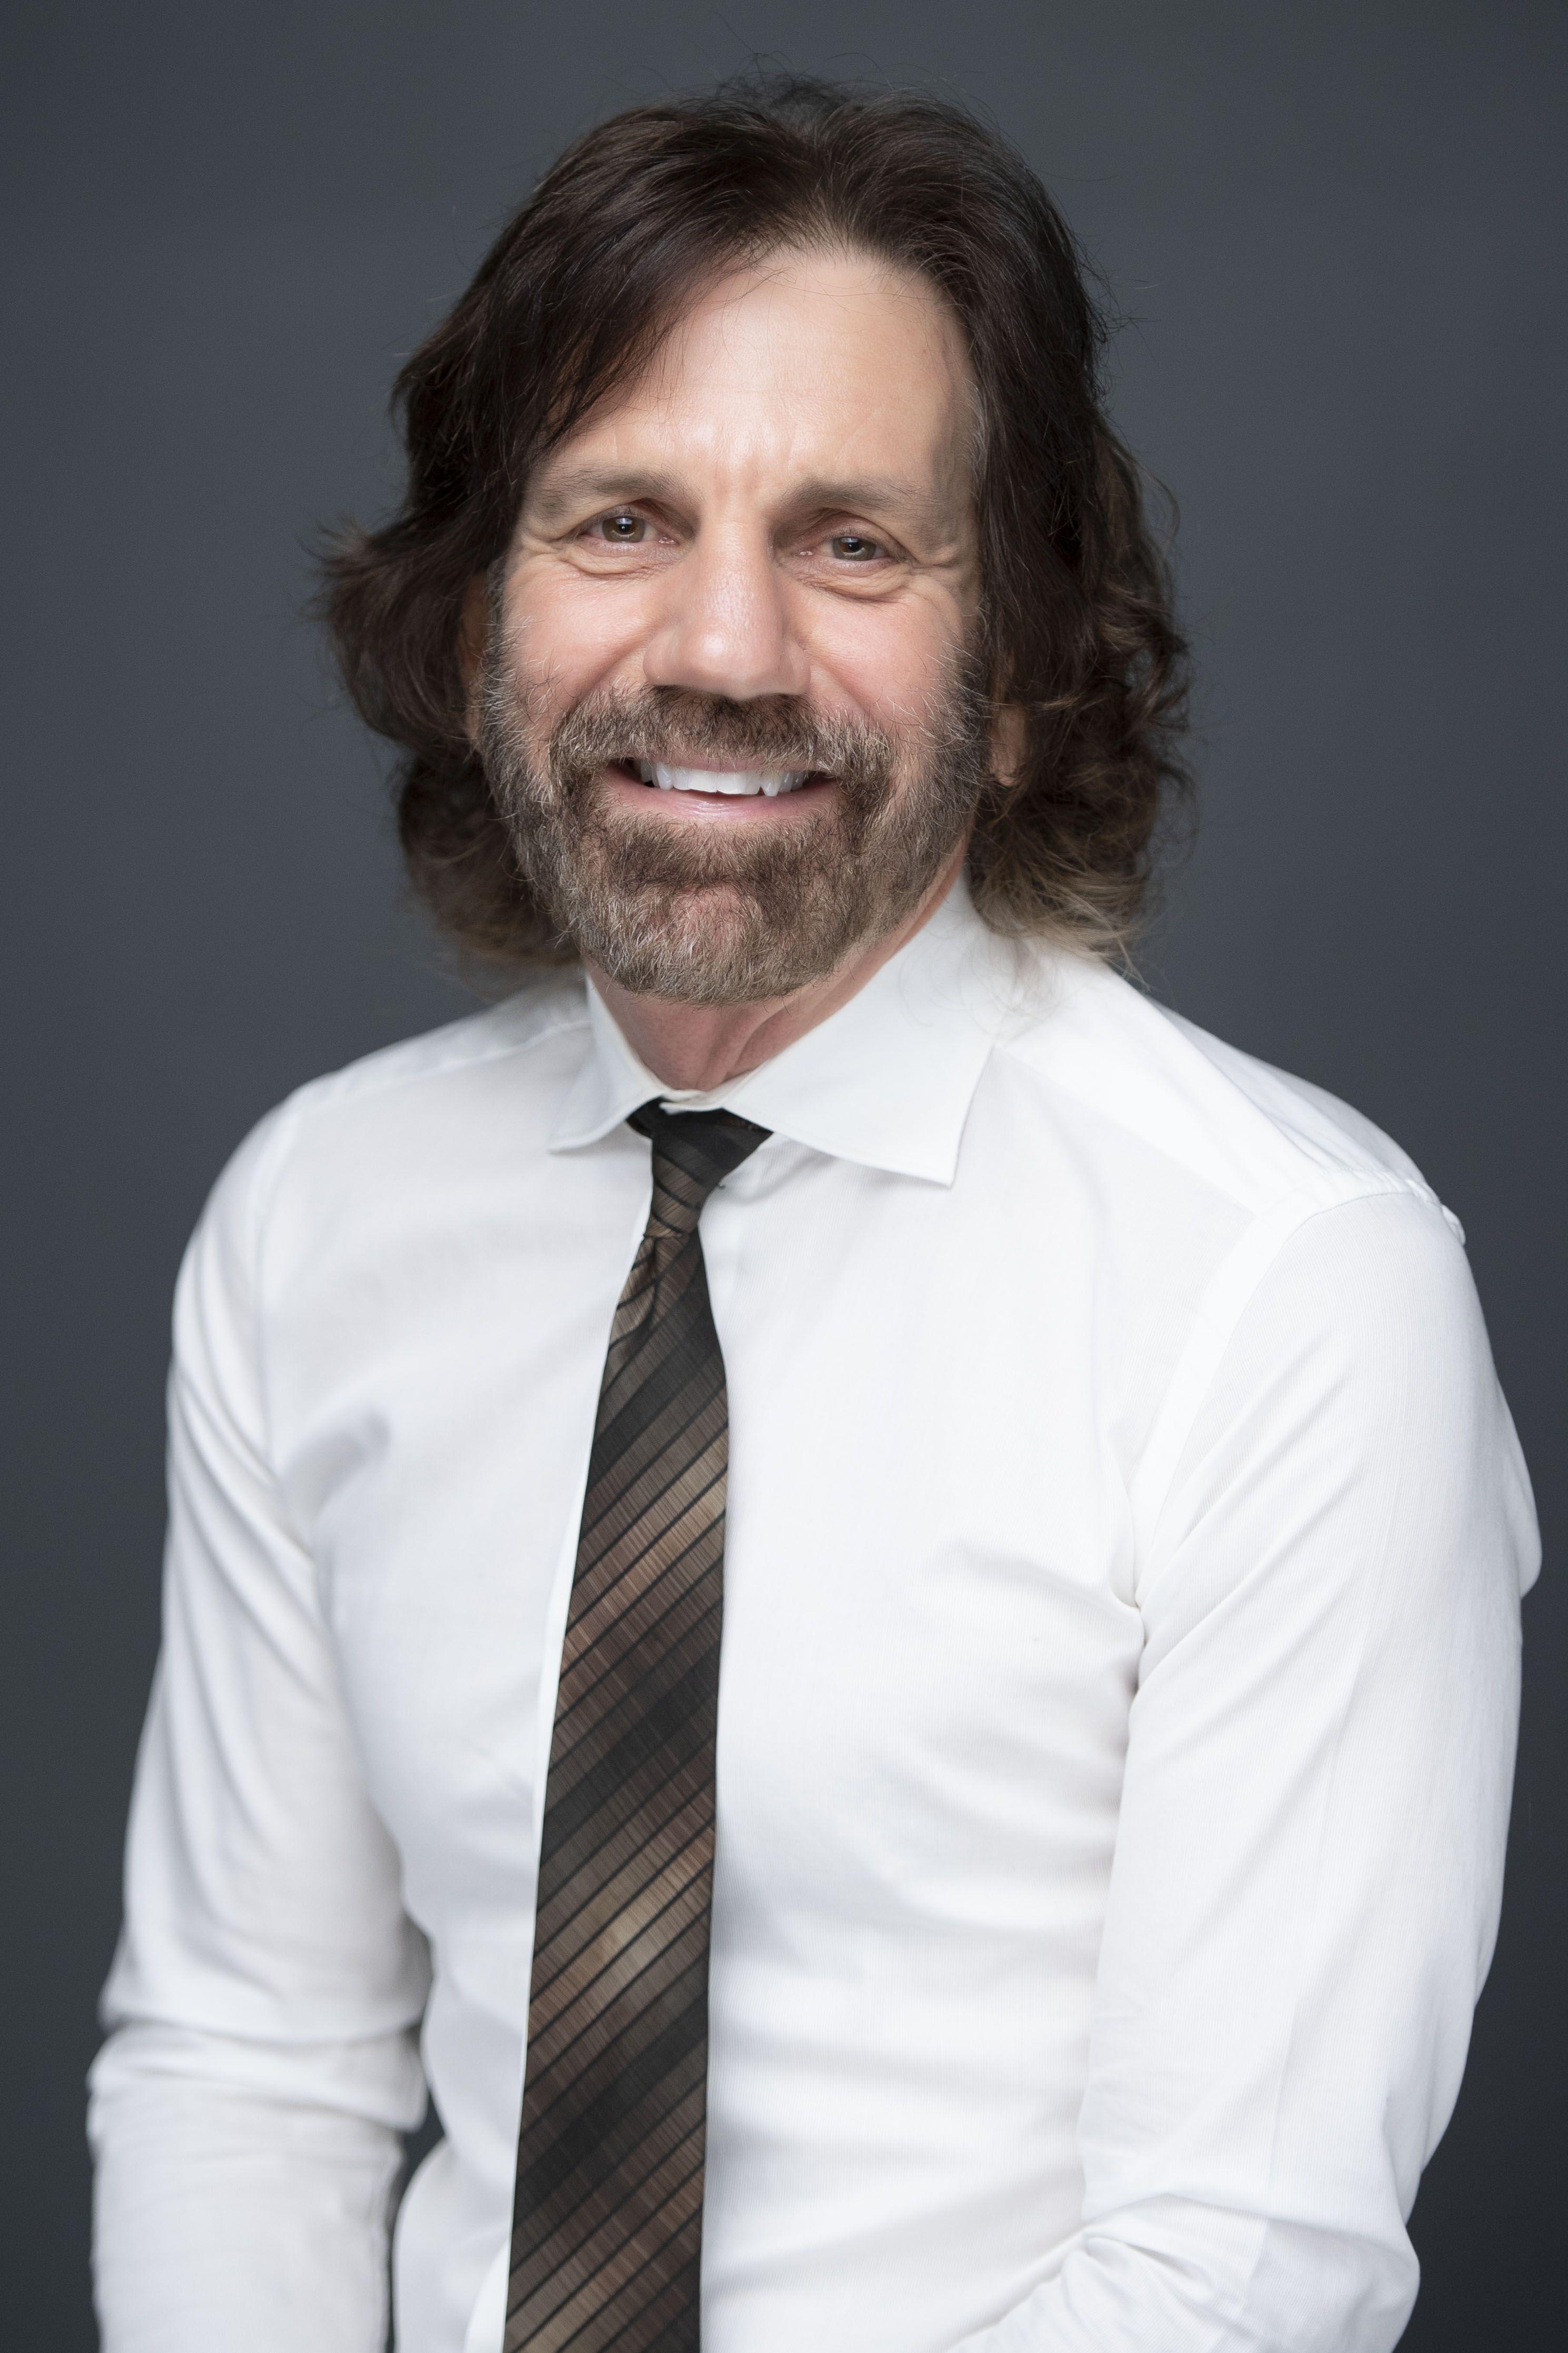 Dr. Pennipede